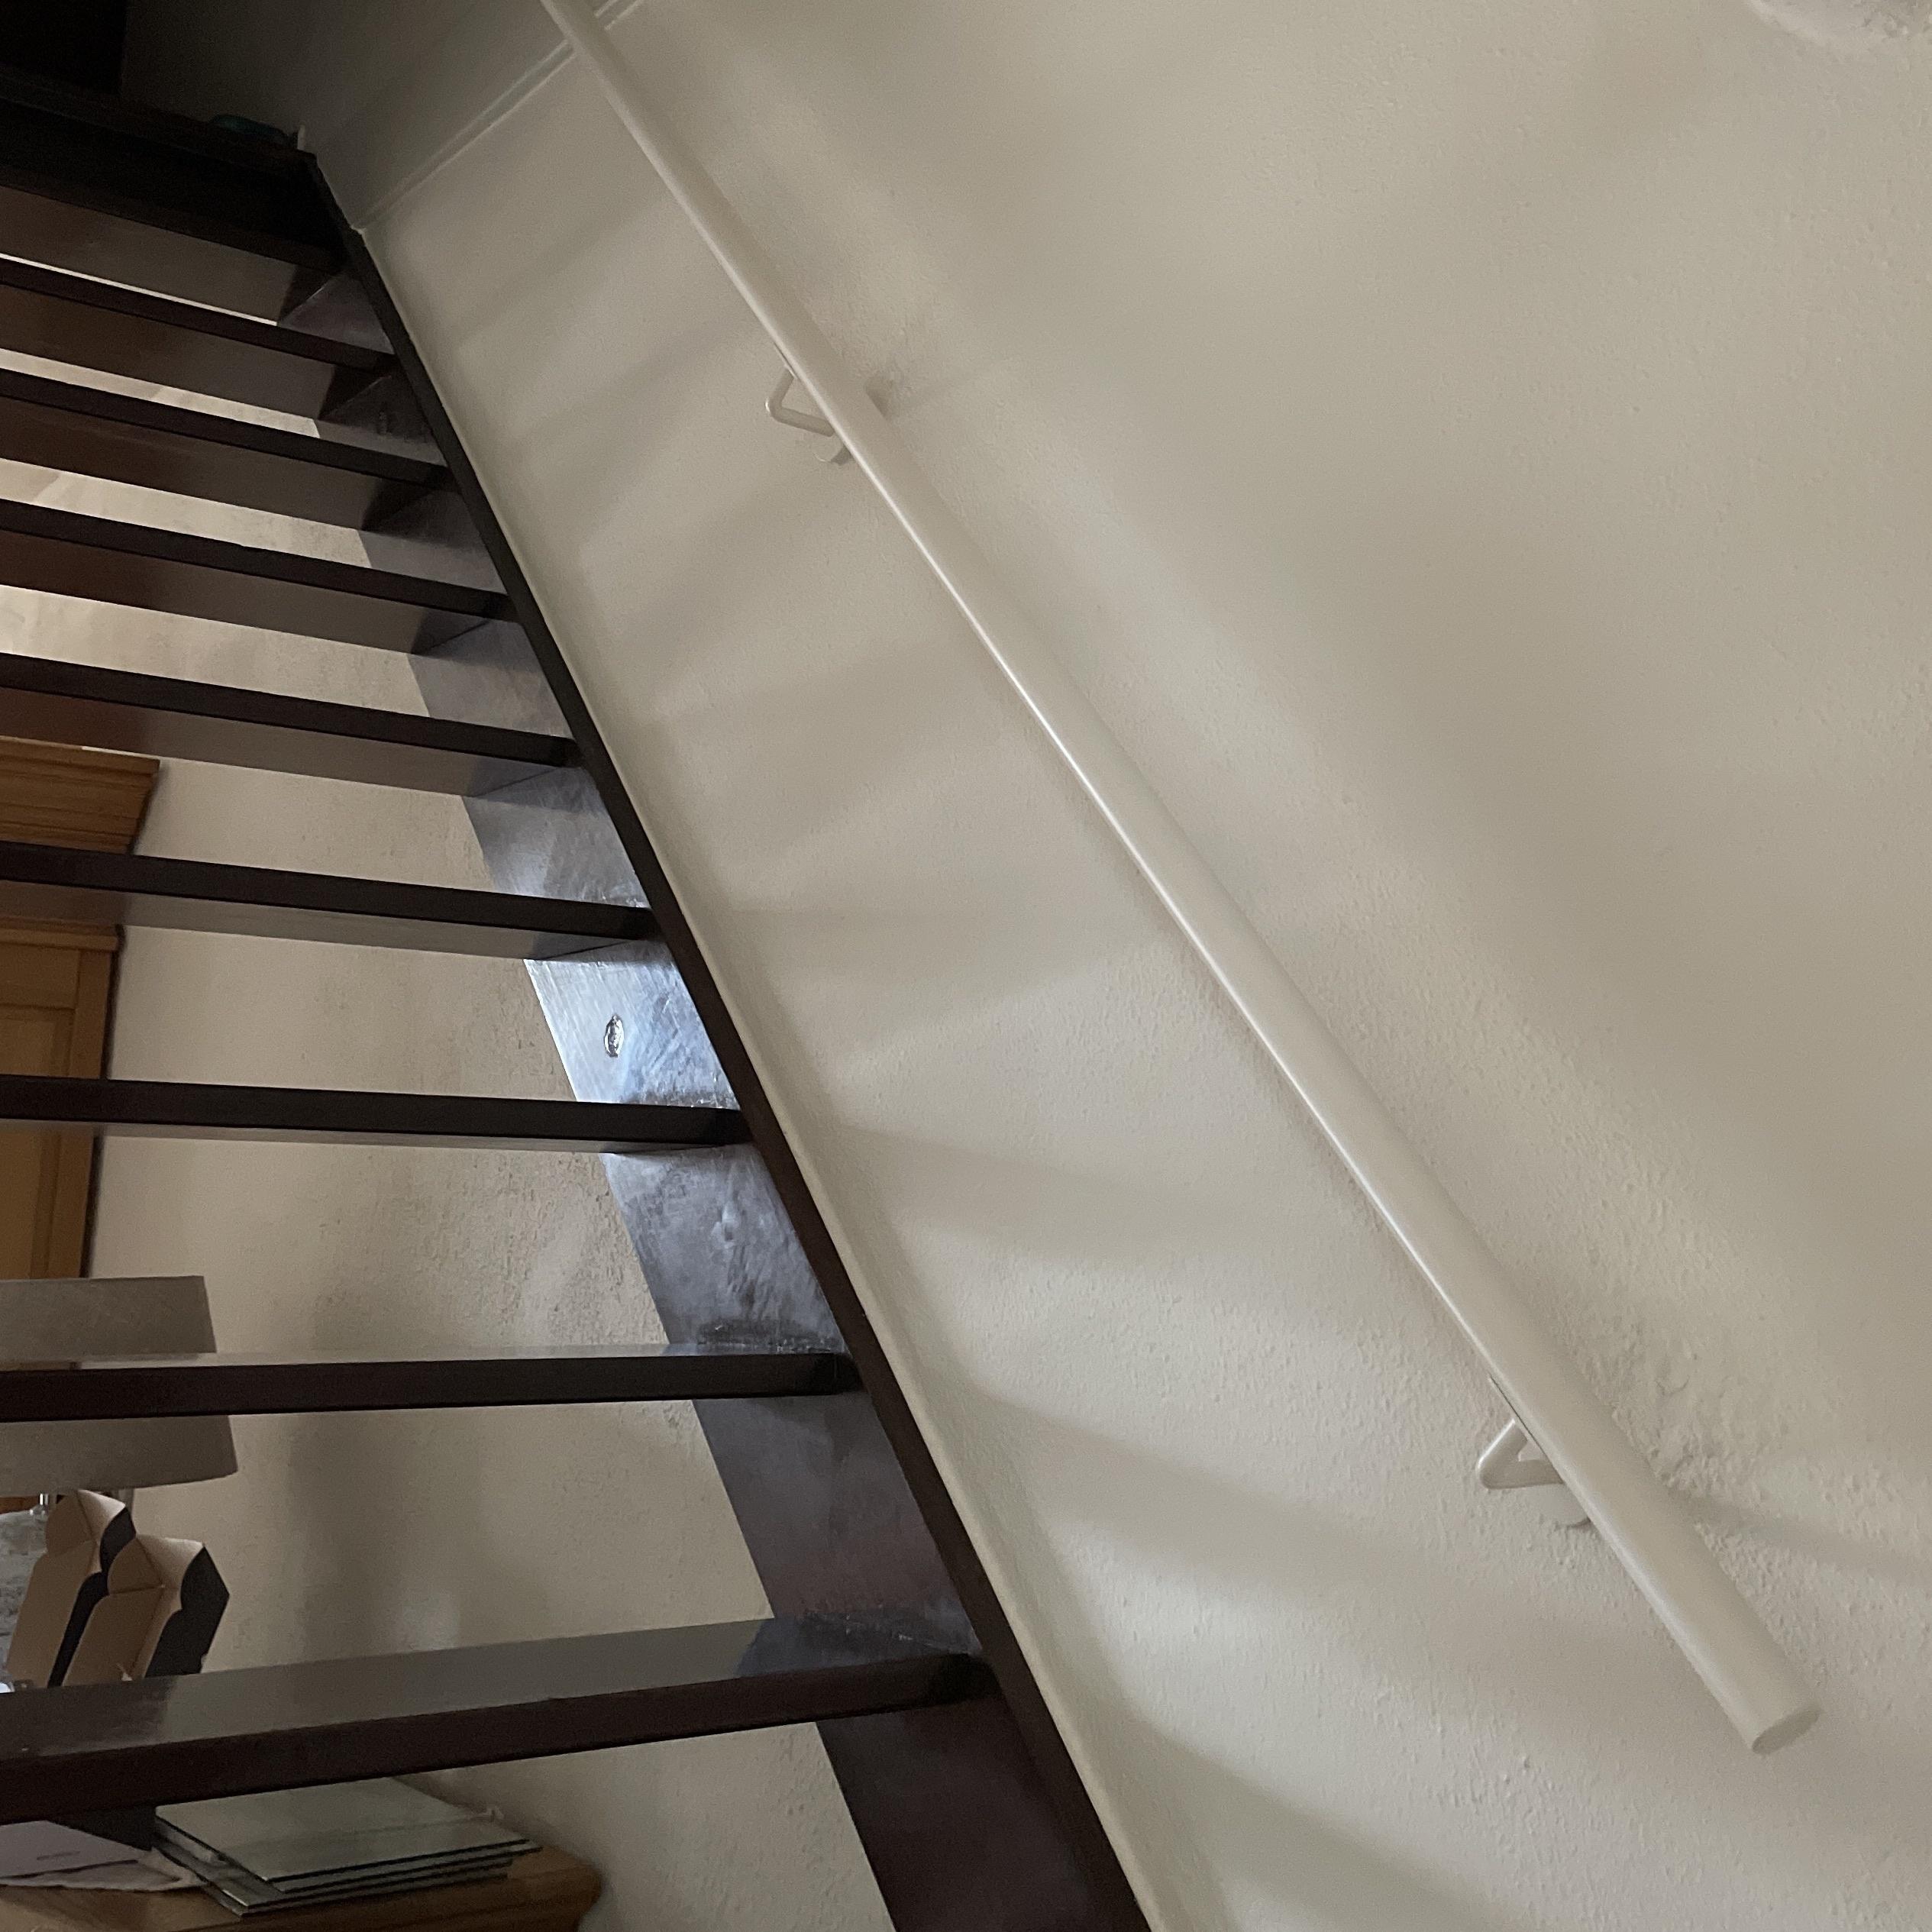 Handlauf weiß beschichtet rund Modell 3 - Runde Treppengeländer - Treppenhandlauf mit weißer Pulverbeschichtung